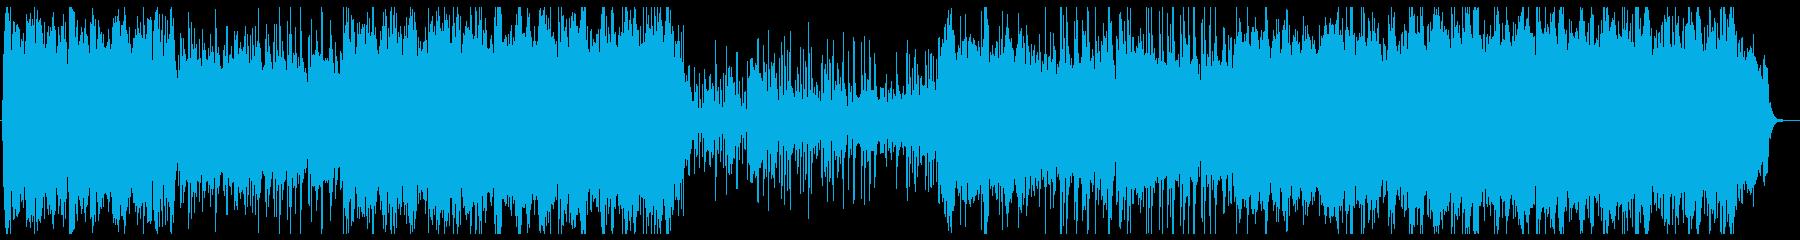 ピアノとストリングスによる落ち着いた曲の再生済みの波形